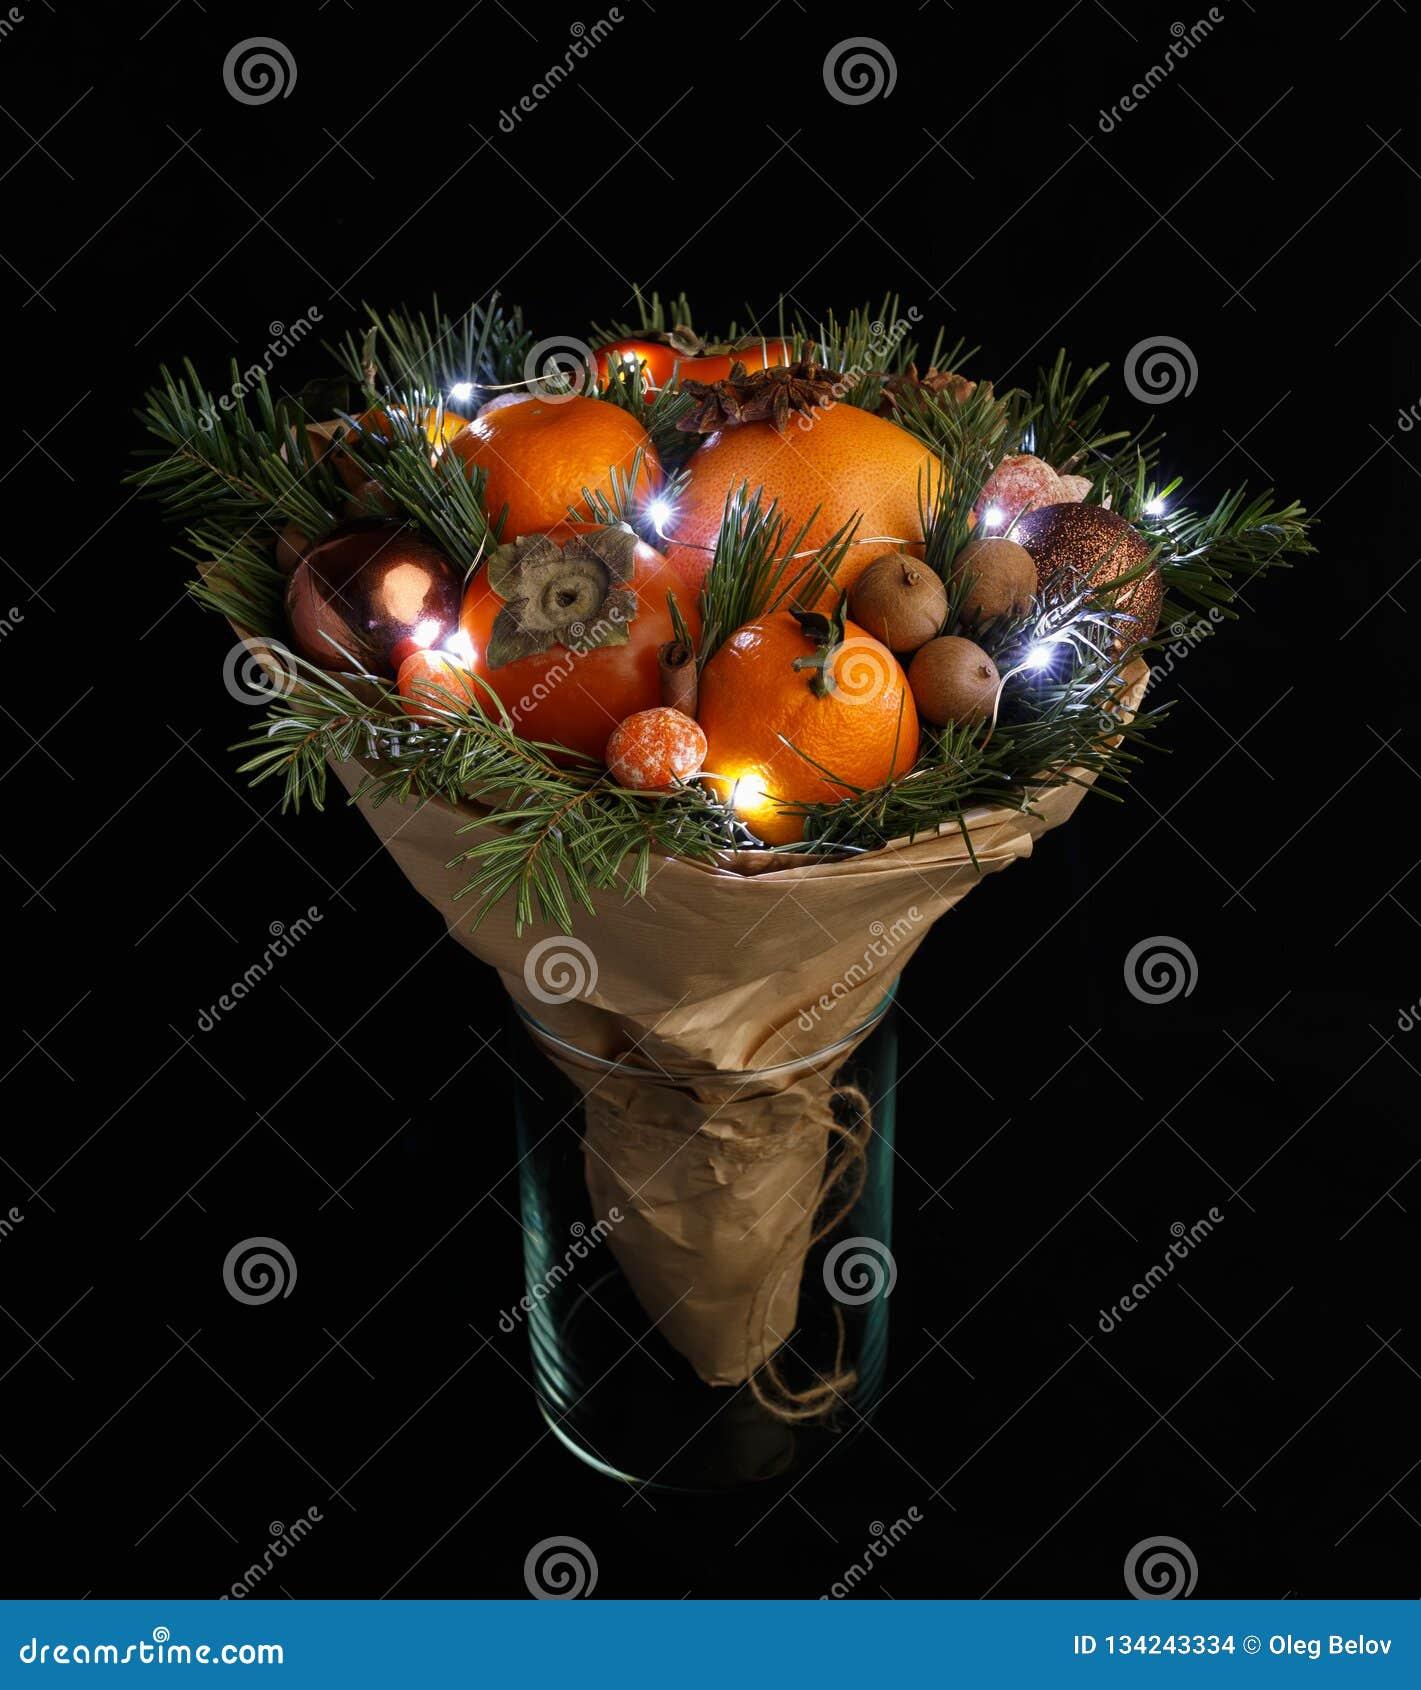 Den original- julbuketten som består av persimonet, mandariner, muttrar, kanelpinnar och, sörjer ris som slås in i kraft papper o